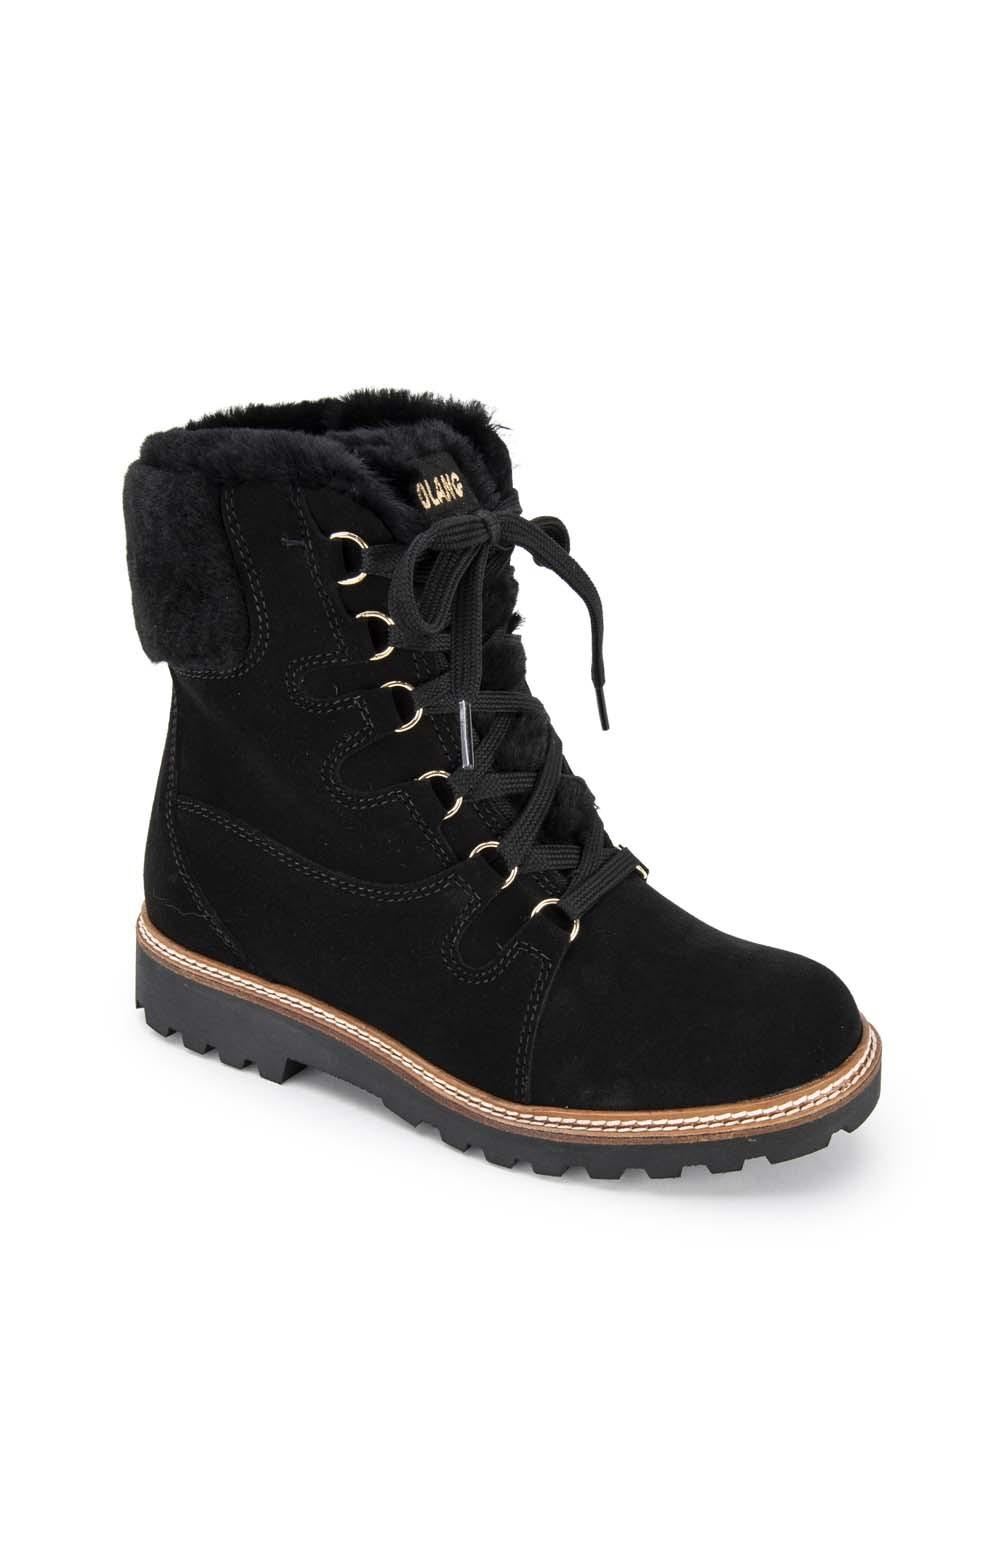 Ladies Sheepskin Waterproof Boot